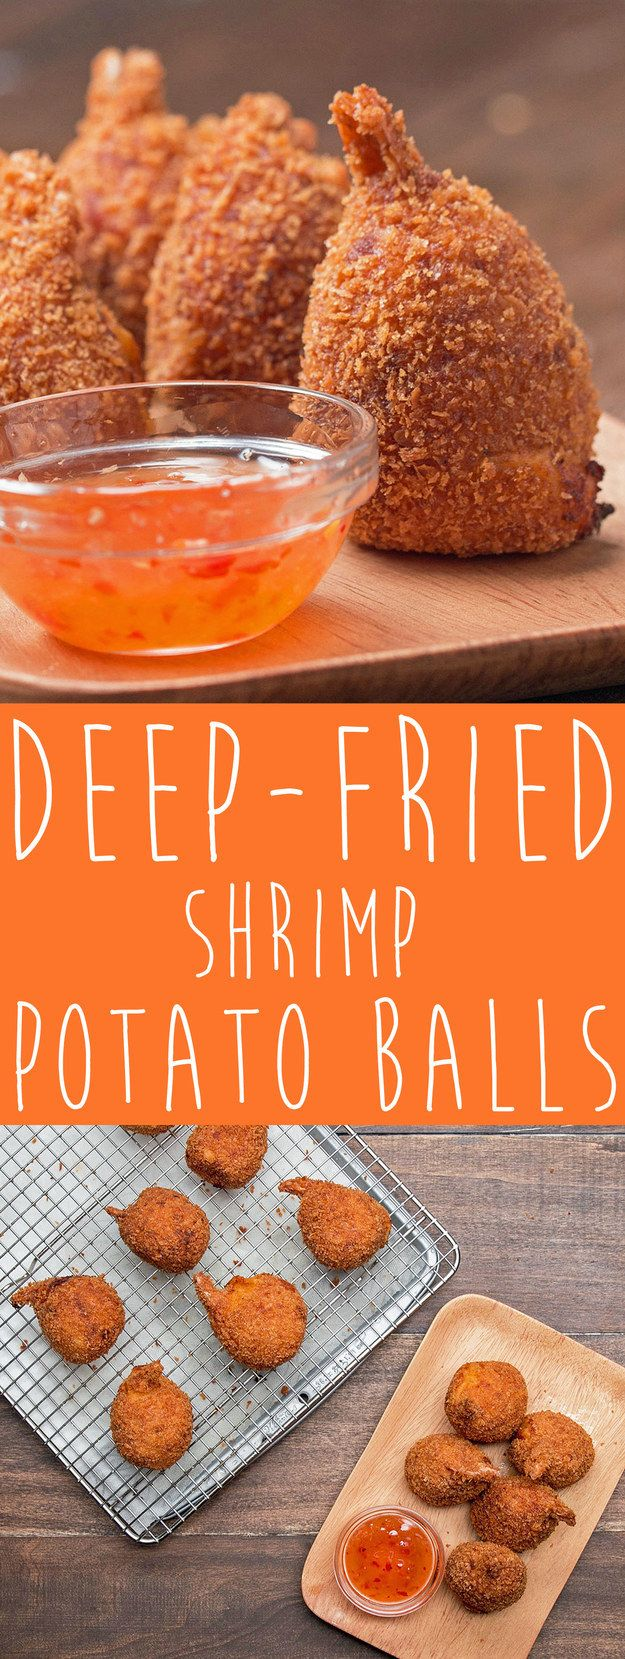 Deep-Fried Shrimp Potato Balls